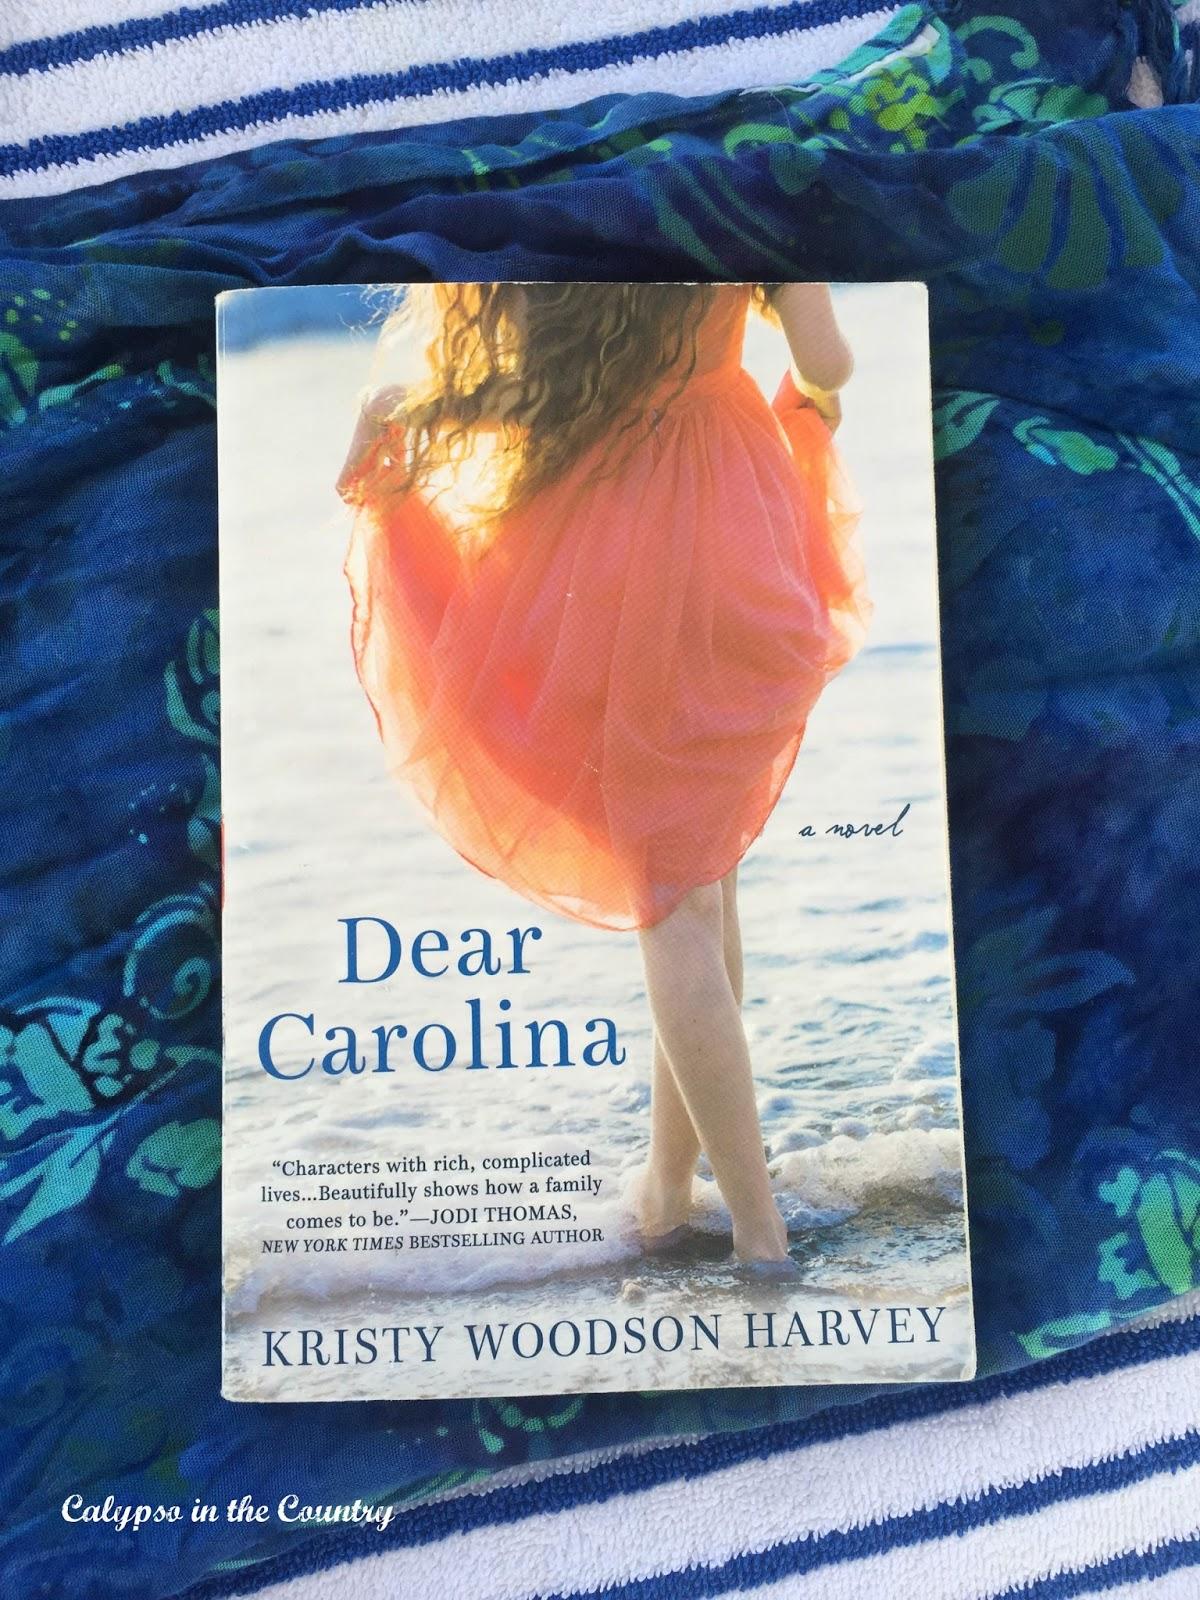 A Summer Reading Must Read! Dear Carolina by Kristy Woodson Harvey